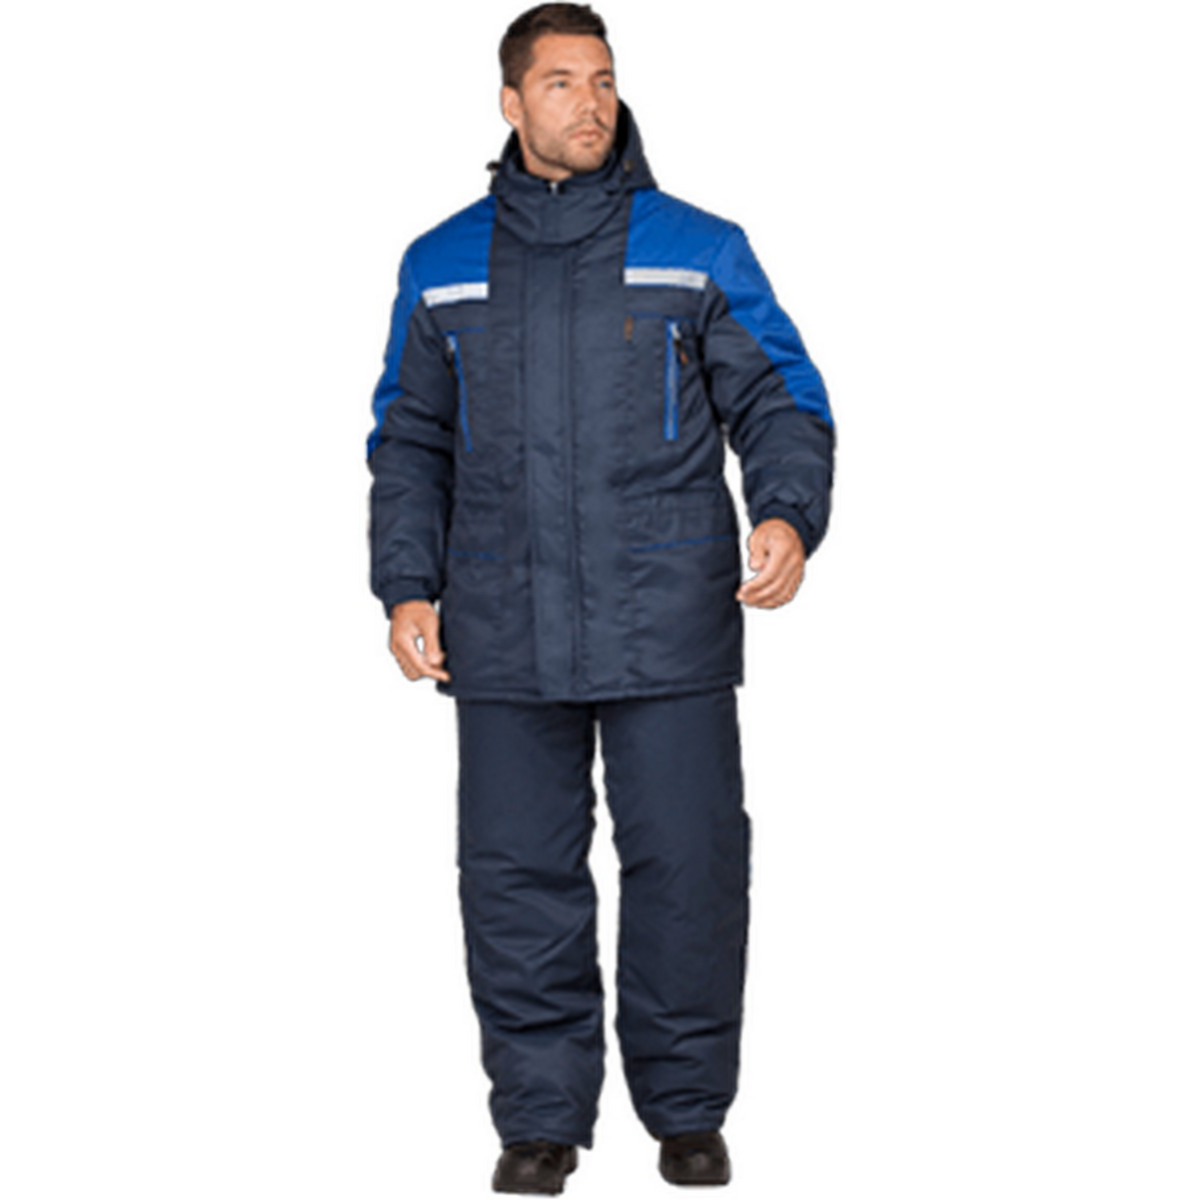 Куртка СПЕЦ утепленная т/синий-василек (разм. 128-132 рост 182-188)